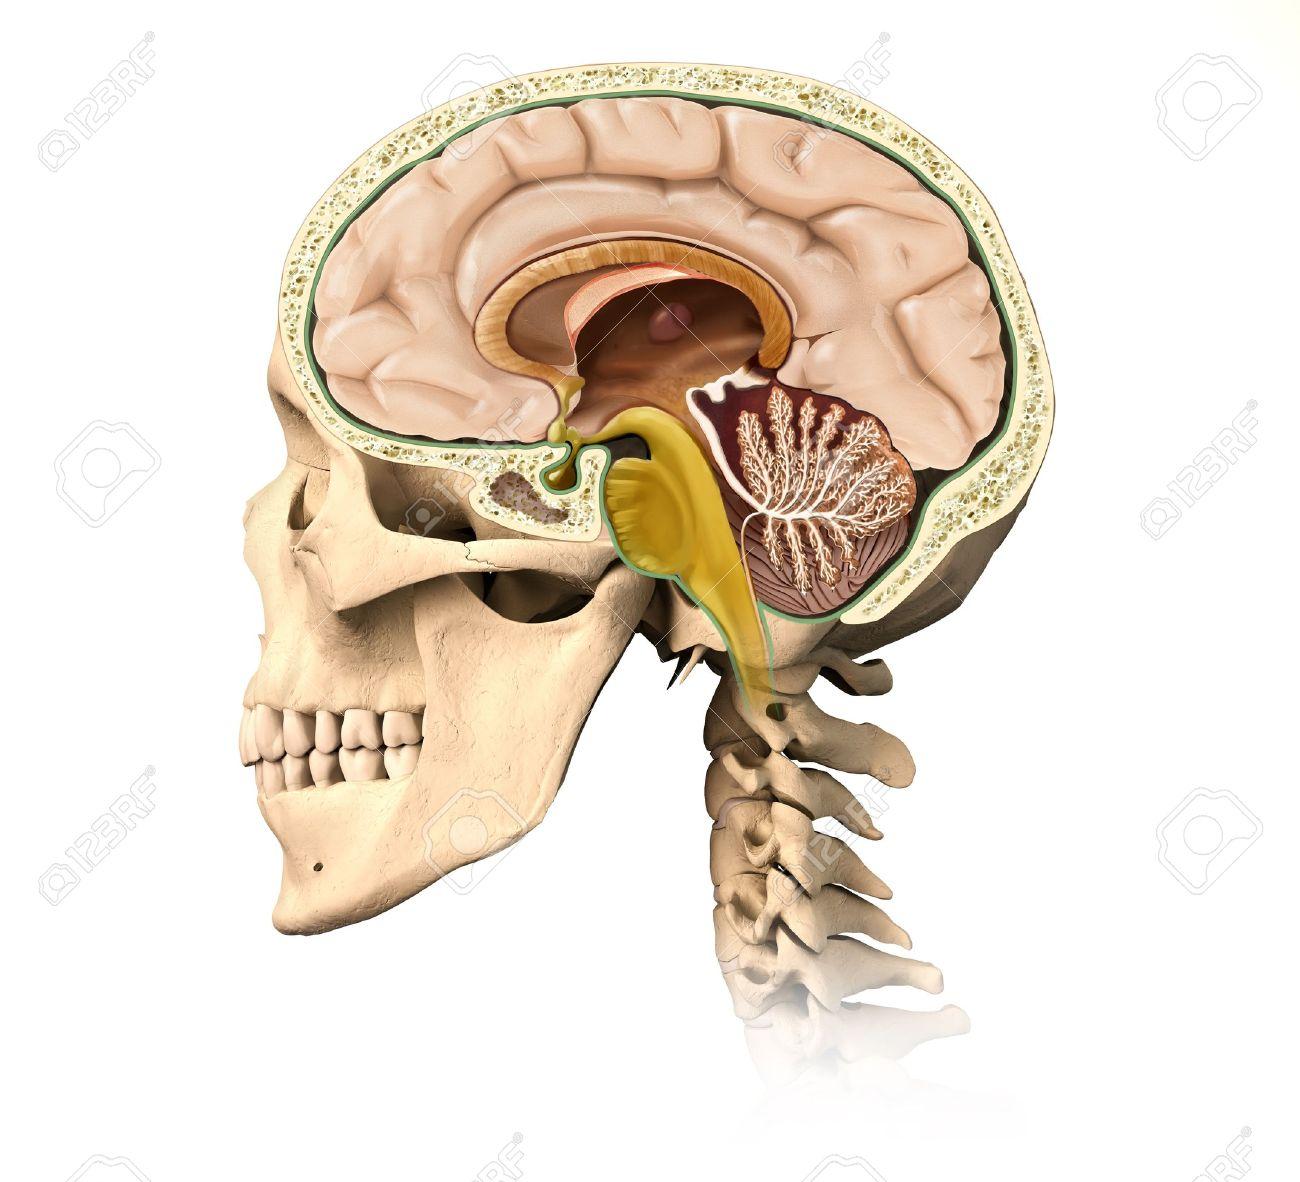 Muy Detallado Y Científicamente Correcta Cráneo Humano En Corte, Con ...